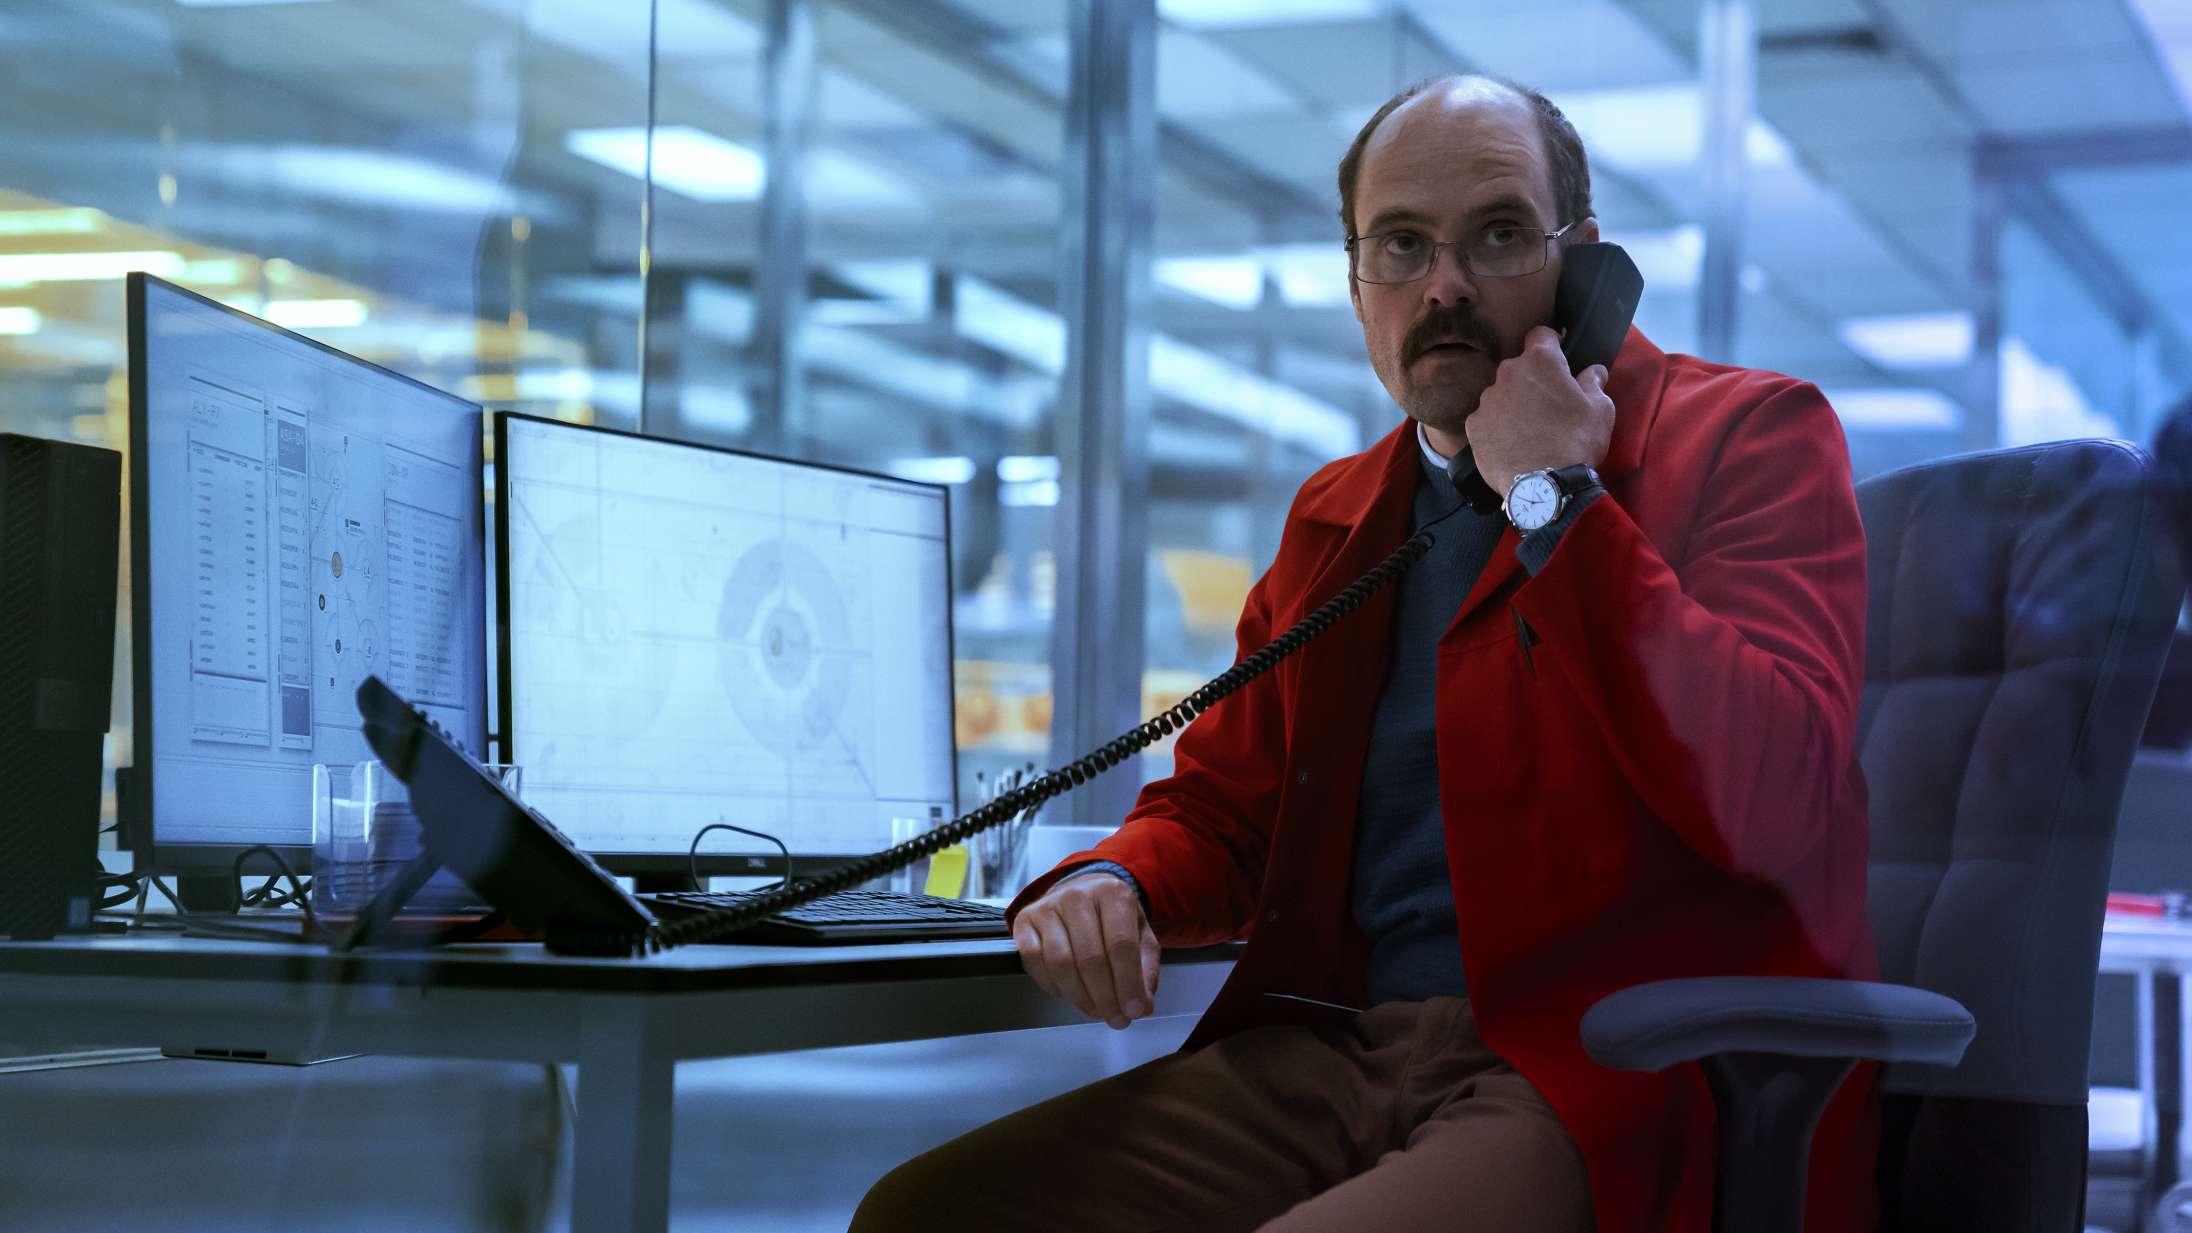 Sådan fik David Dencik sin rolle i 'No Time to Die': »Det var en totalt dum situation«